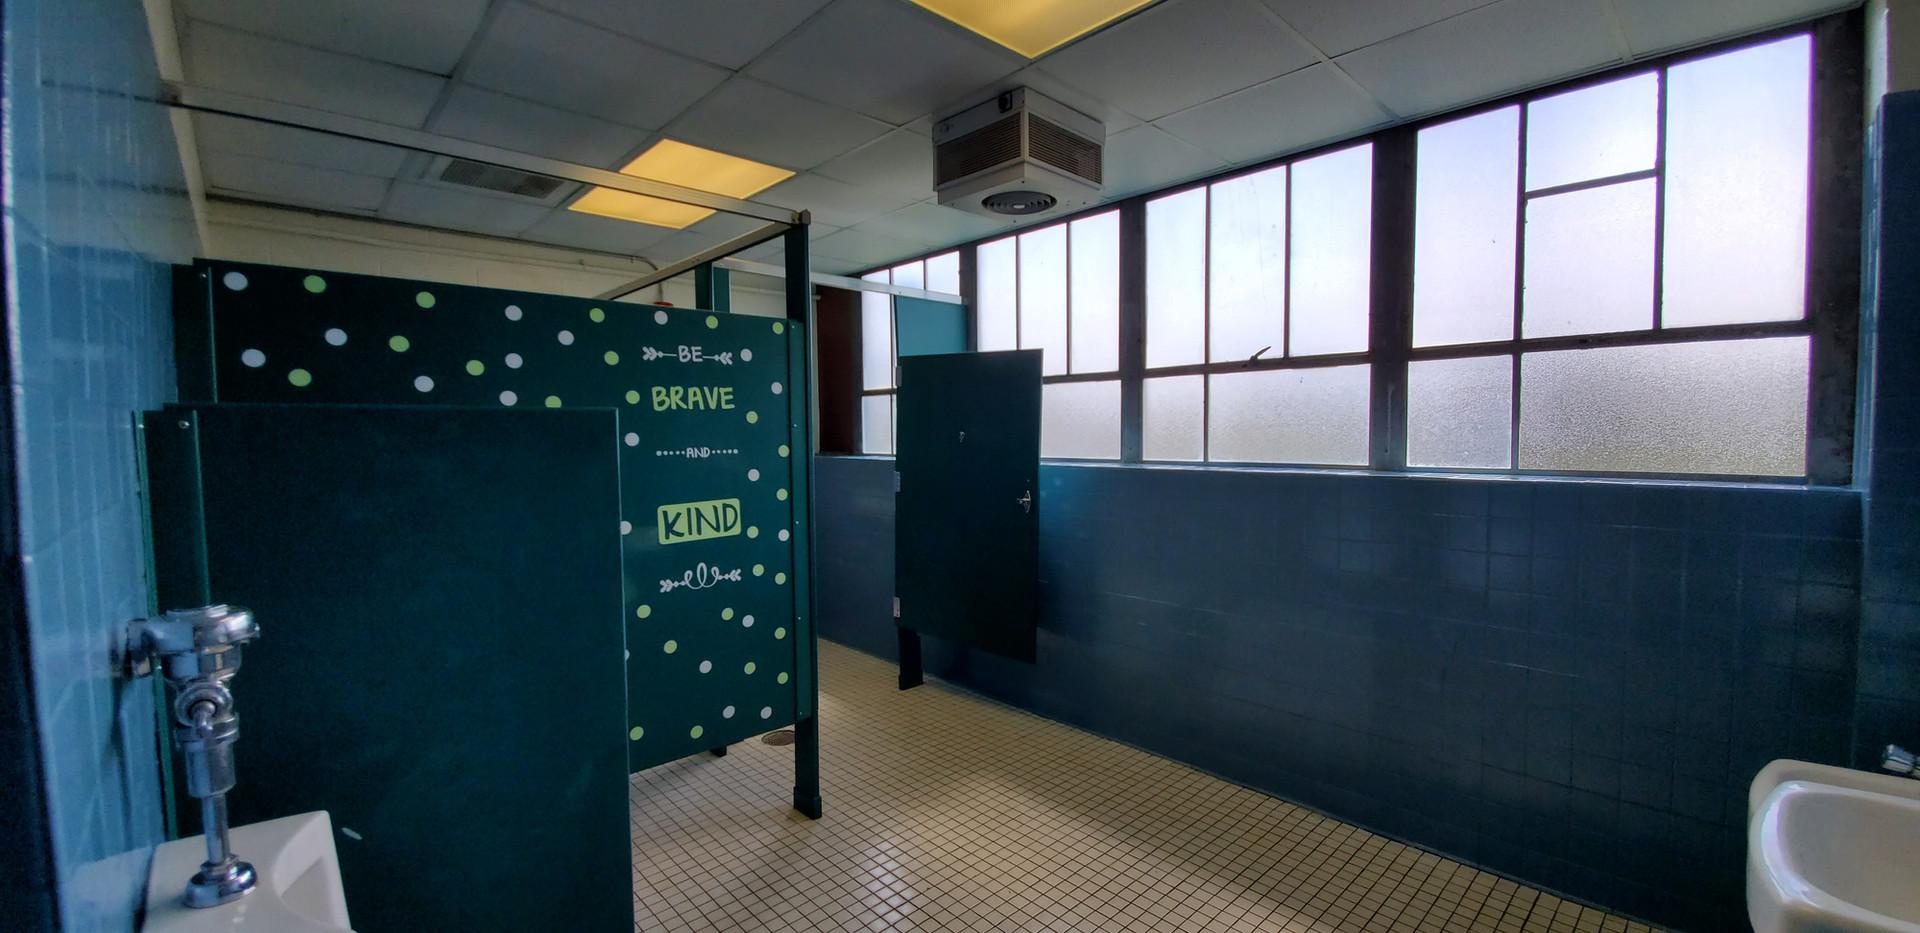 Epoxy coated walls